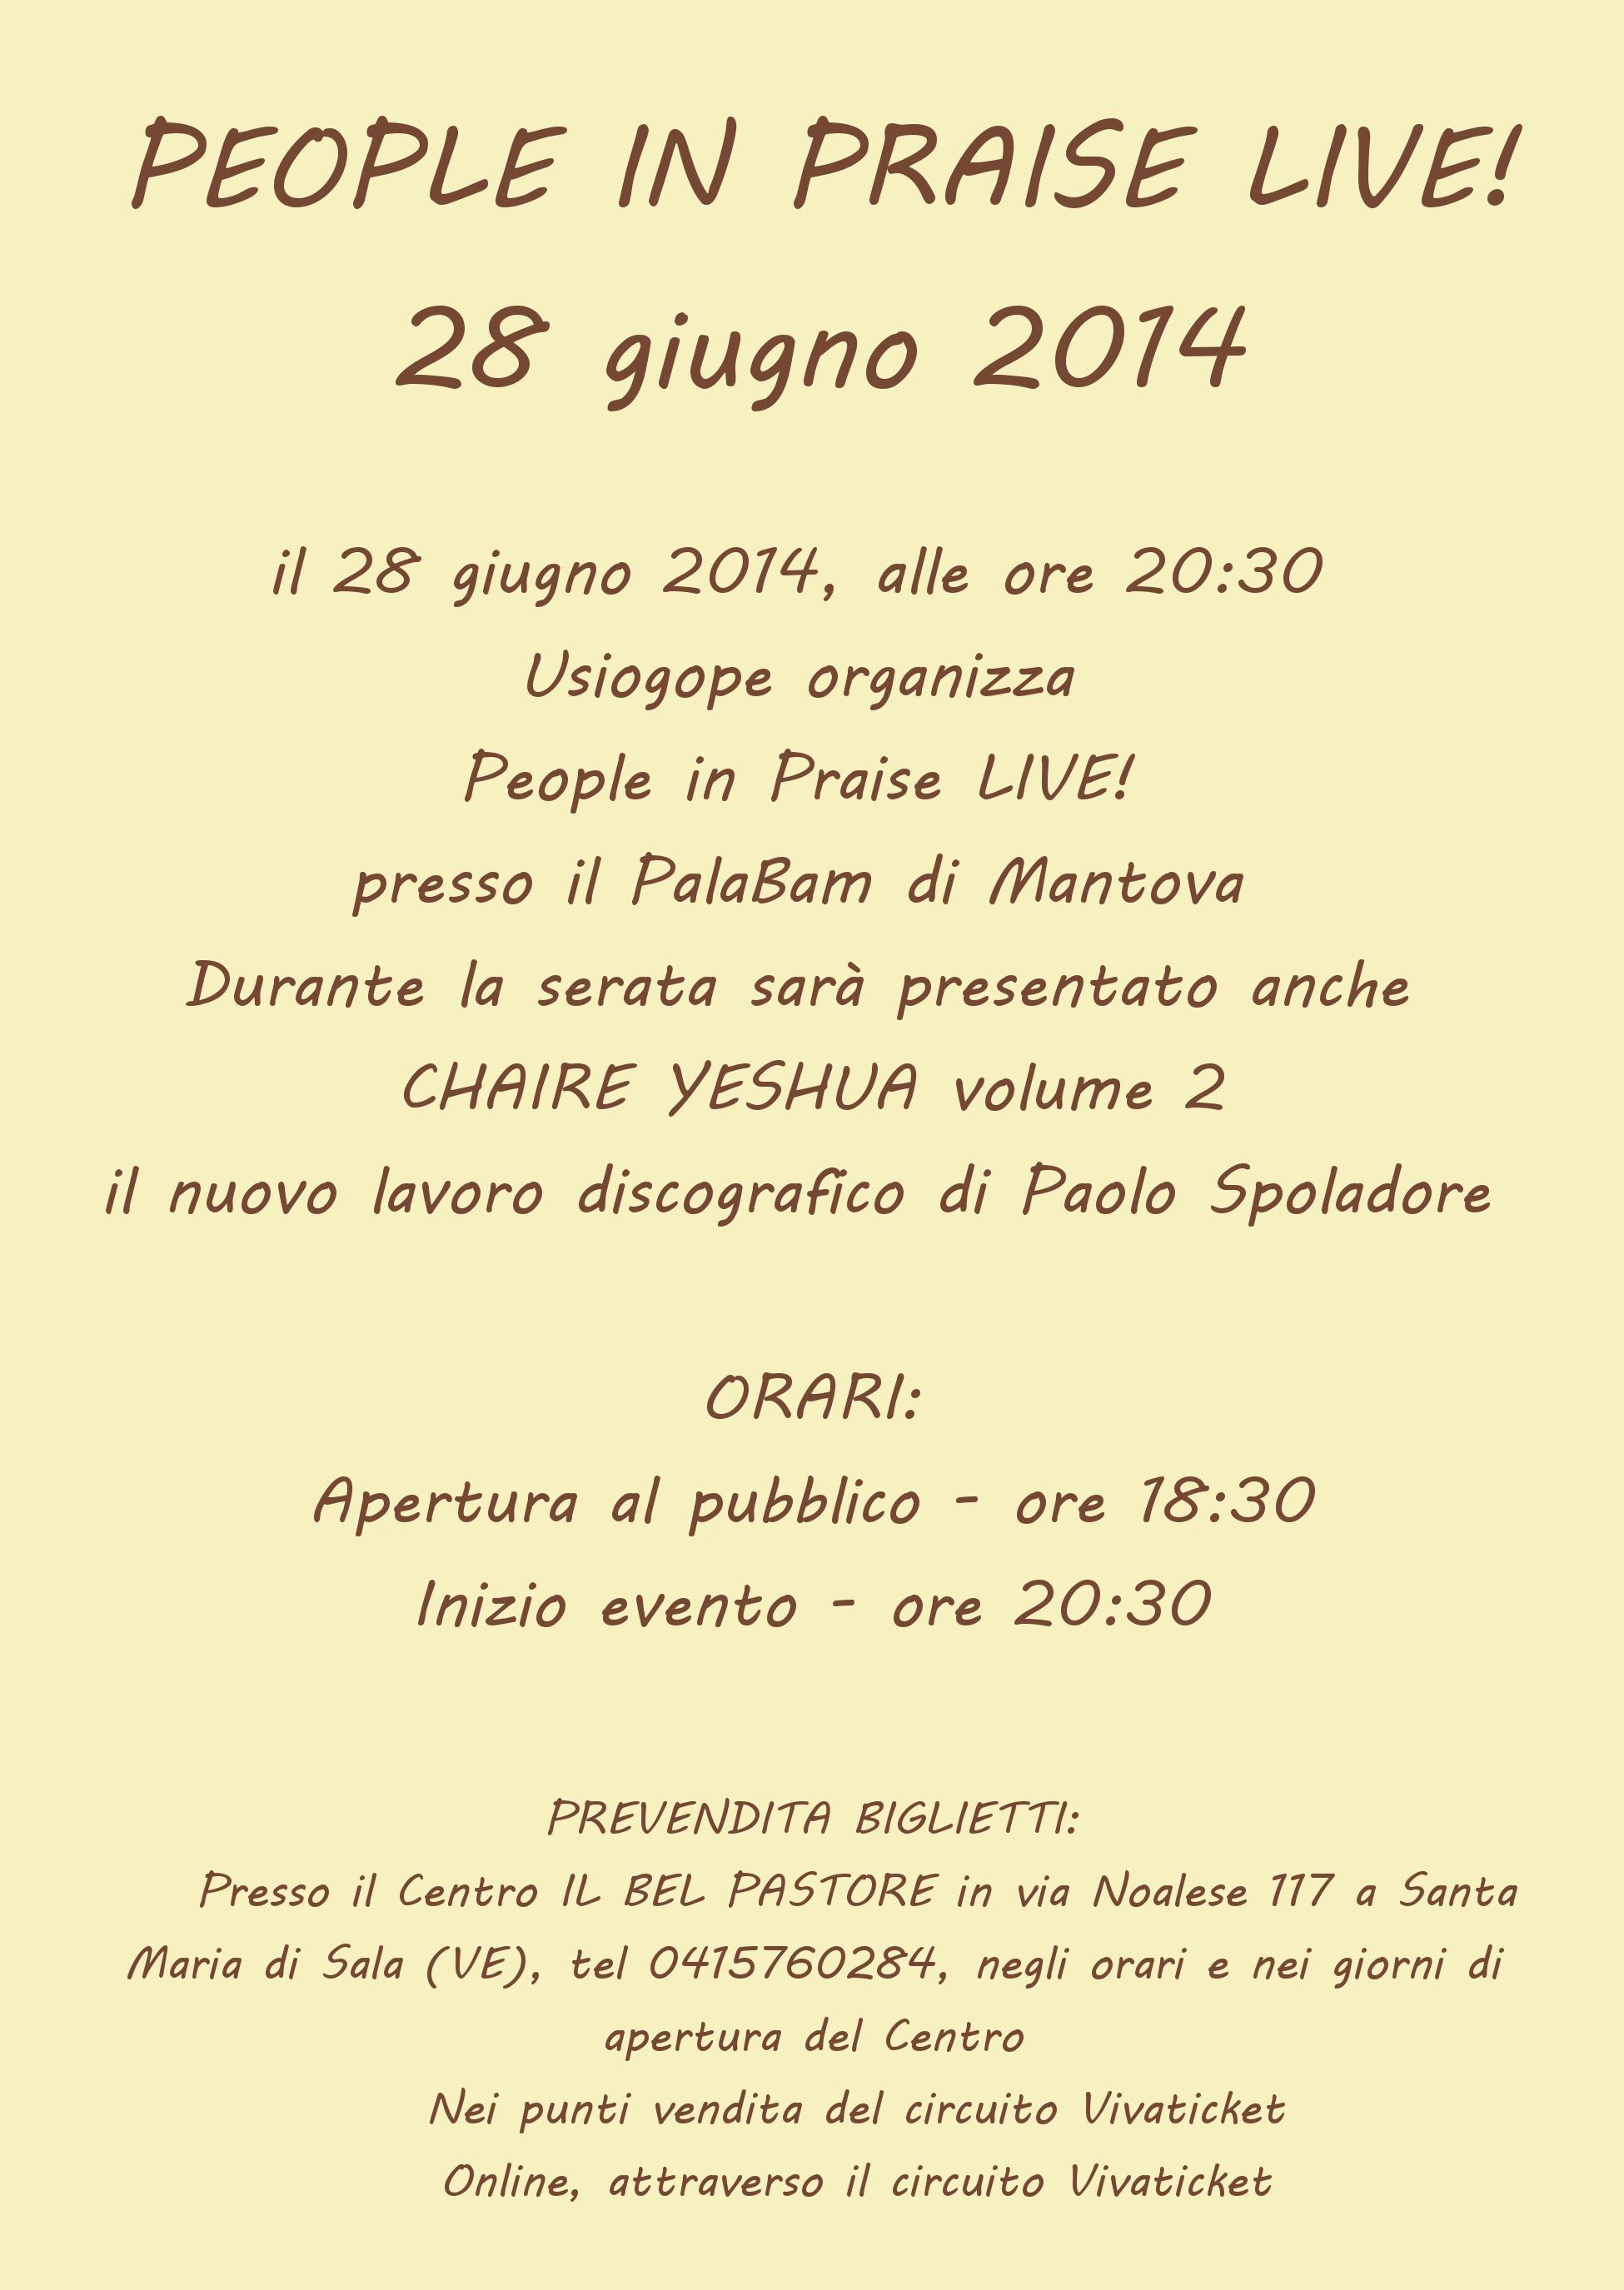 Usiogope Calendario.Libreriamirtillo Libreria Mirtillo Montichiari Pagina 9